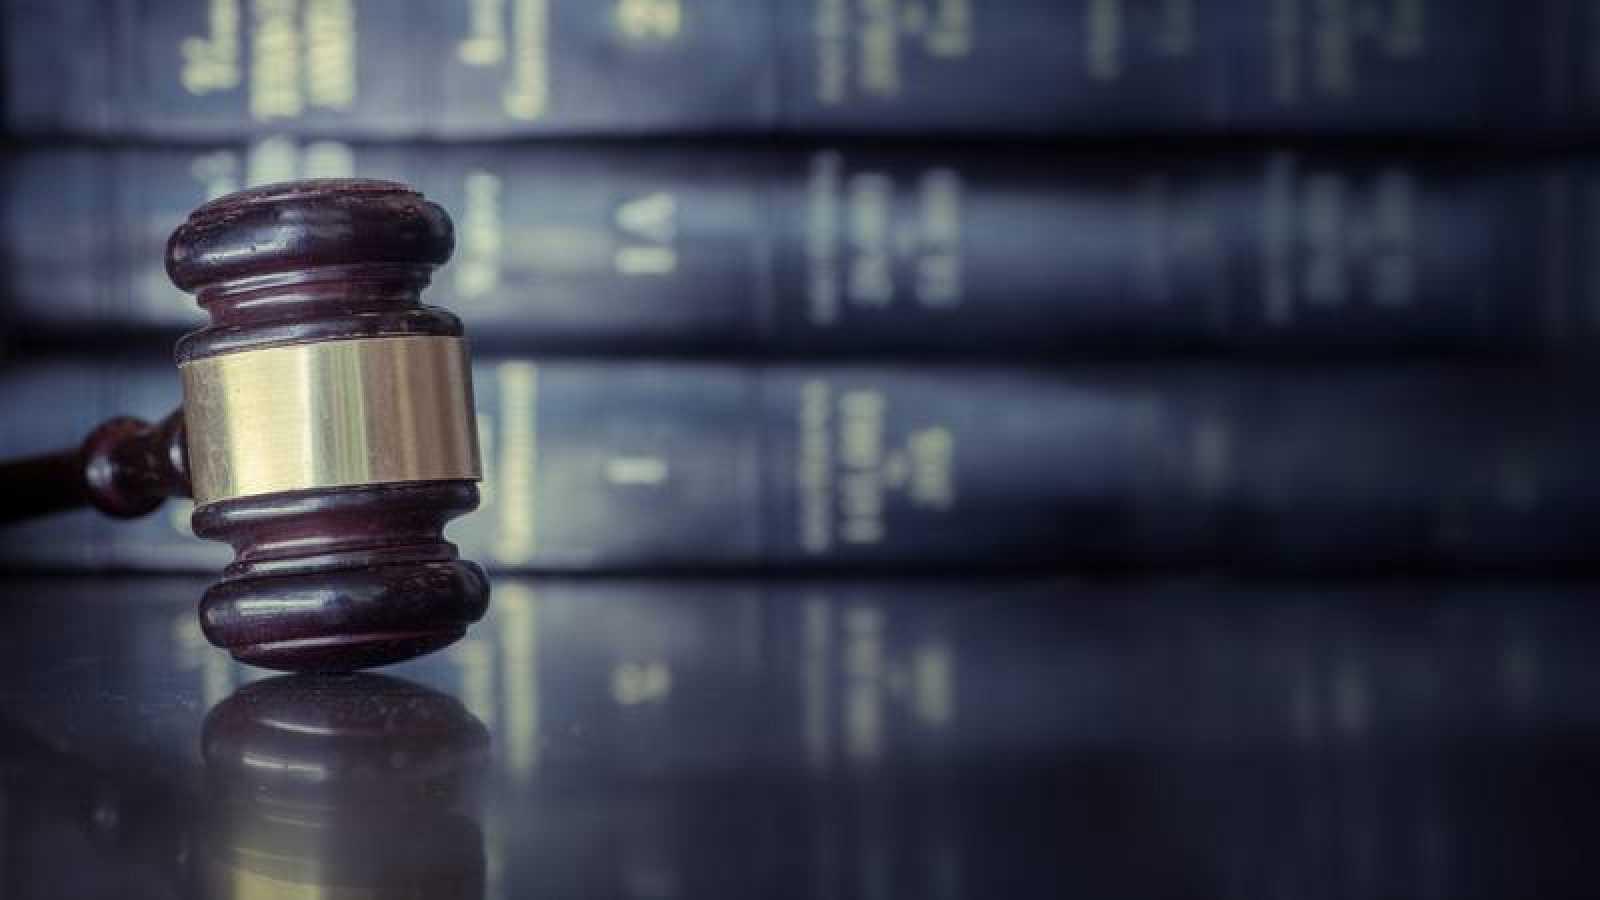 Imagen recurso del mazo de un juez.